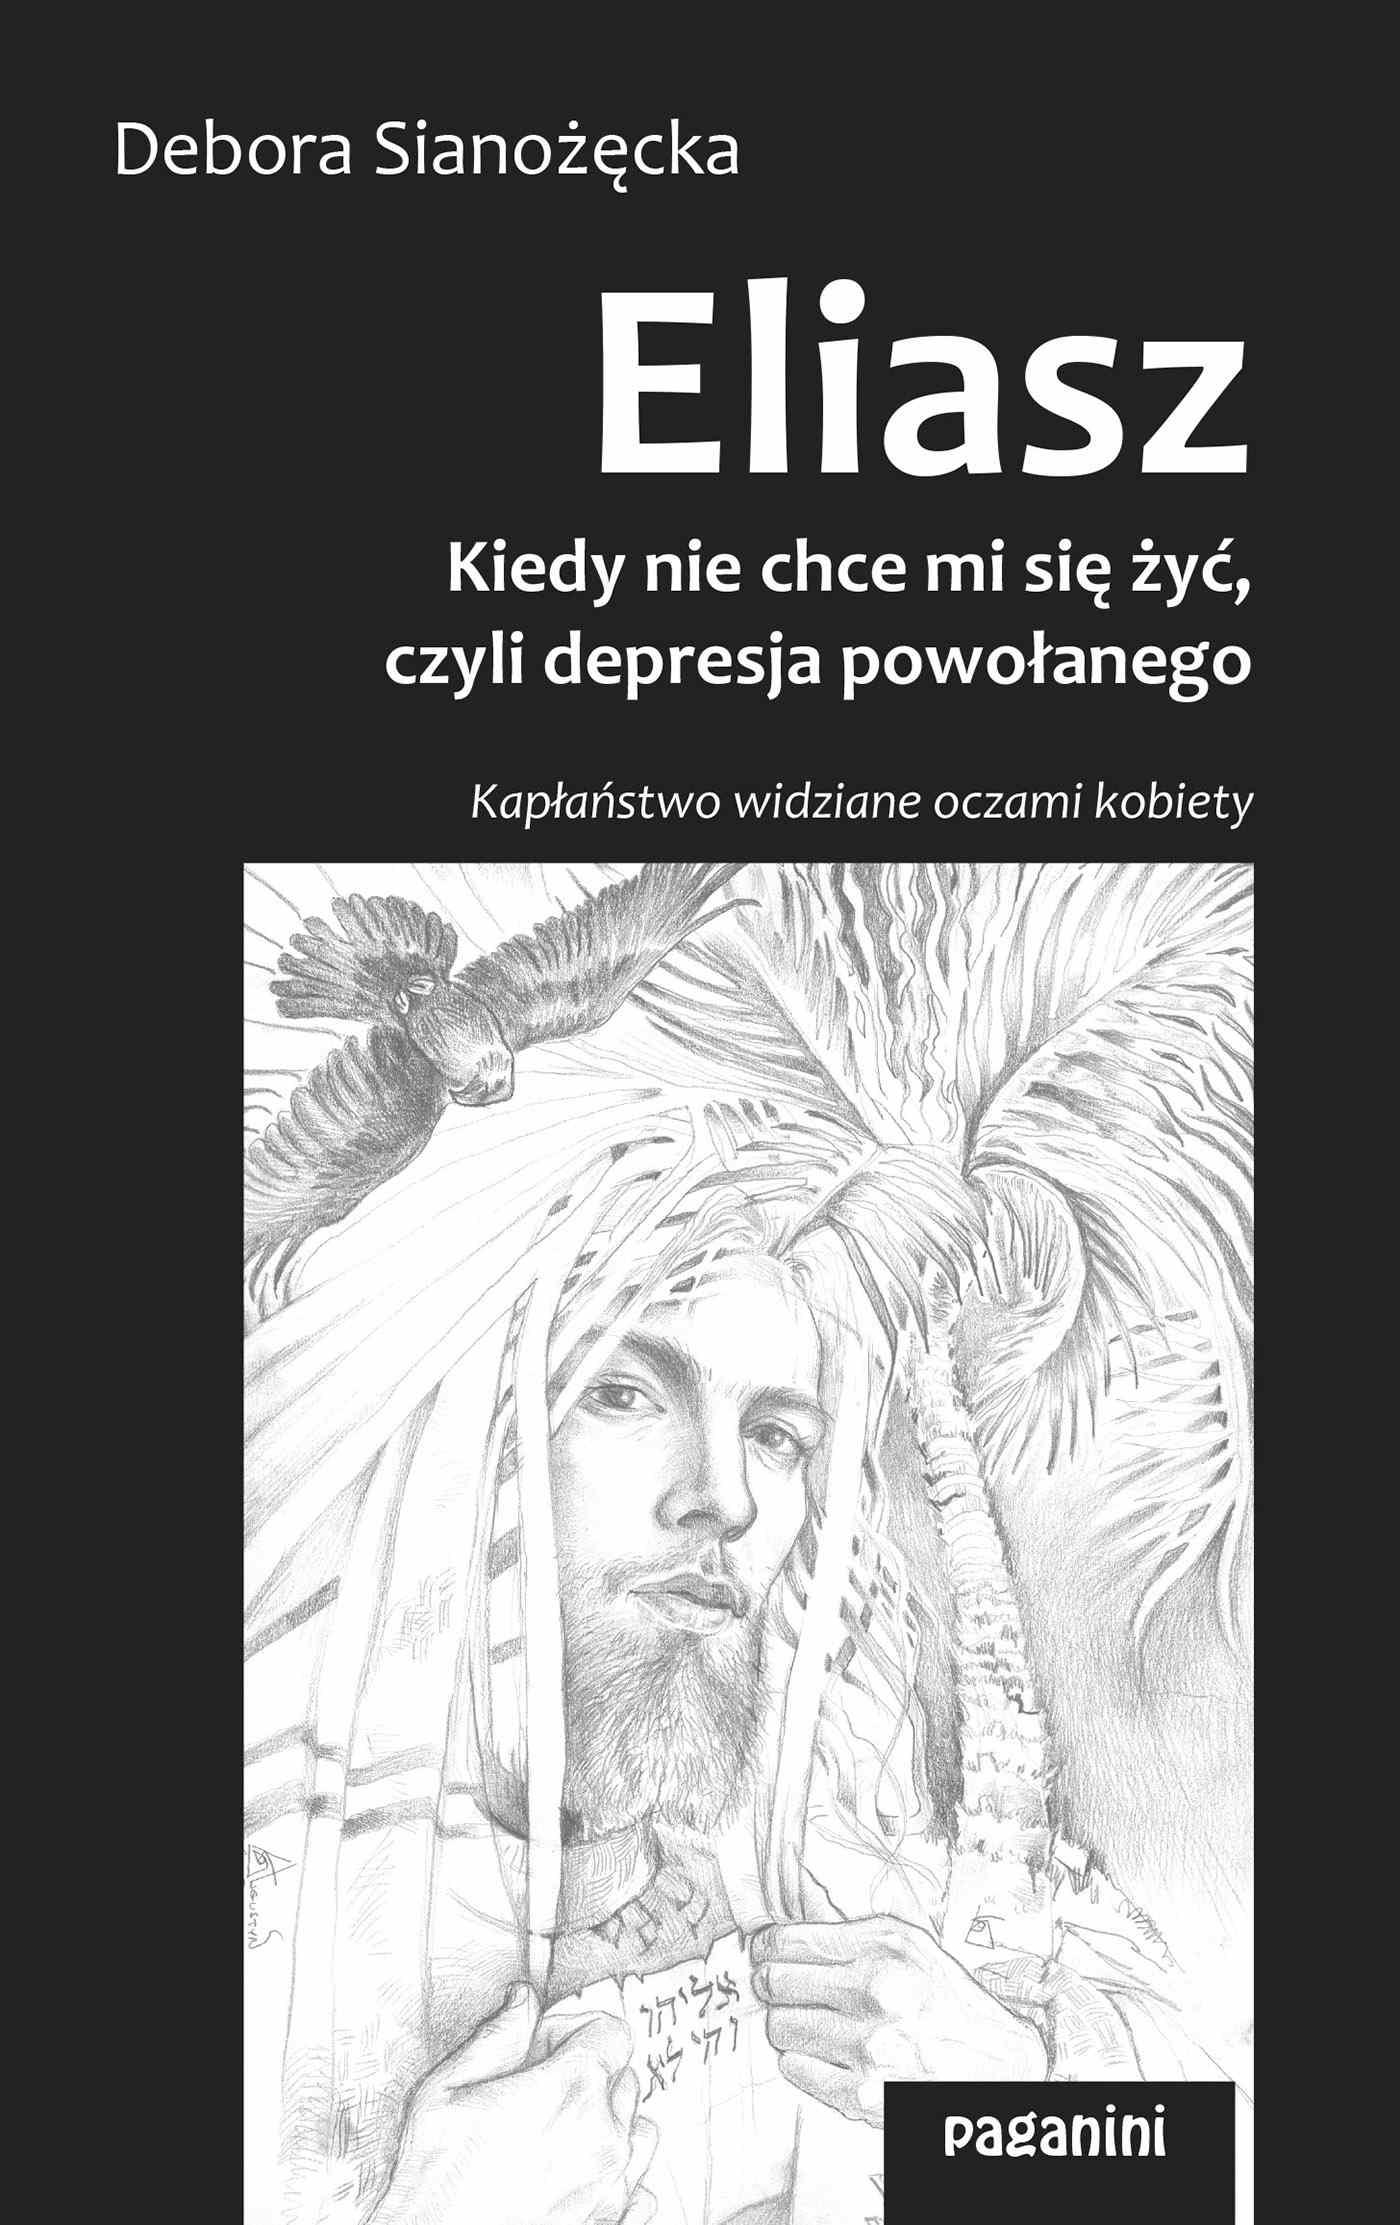 ELIASZ – kiedy nie chce mi się żyć, czyli depresja powołanego. Kapłaństwo widziane oczami kobiety. - Ebook (Książka na Kindle) do pobrania w formacie MOBI